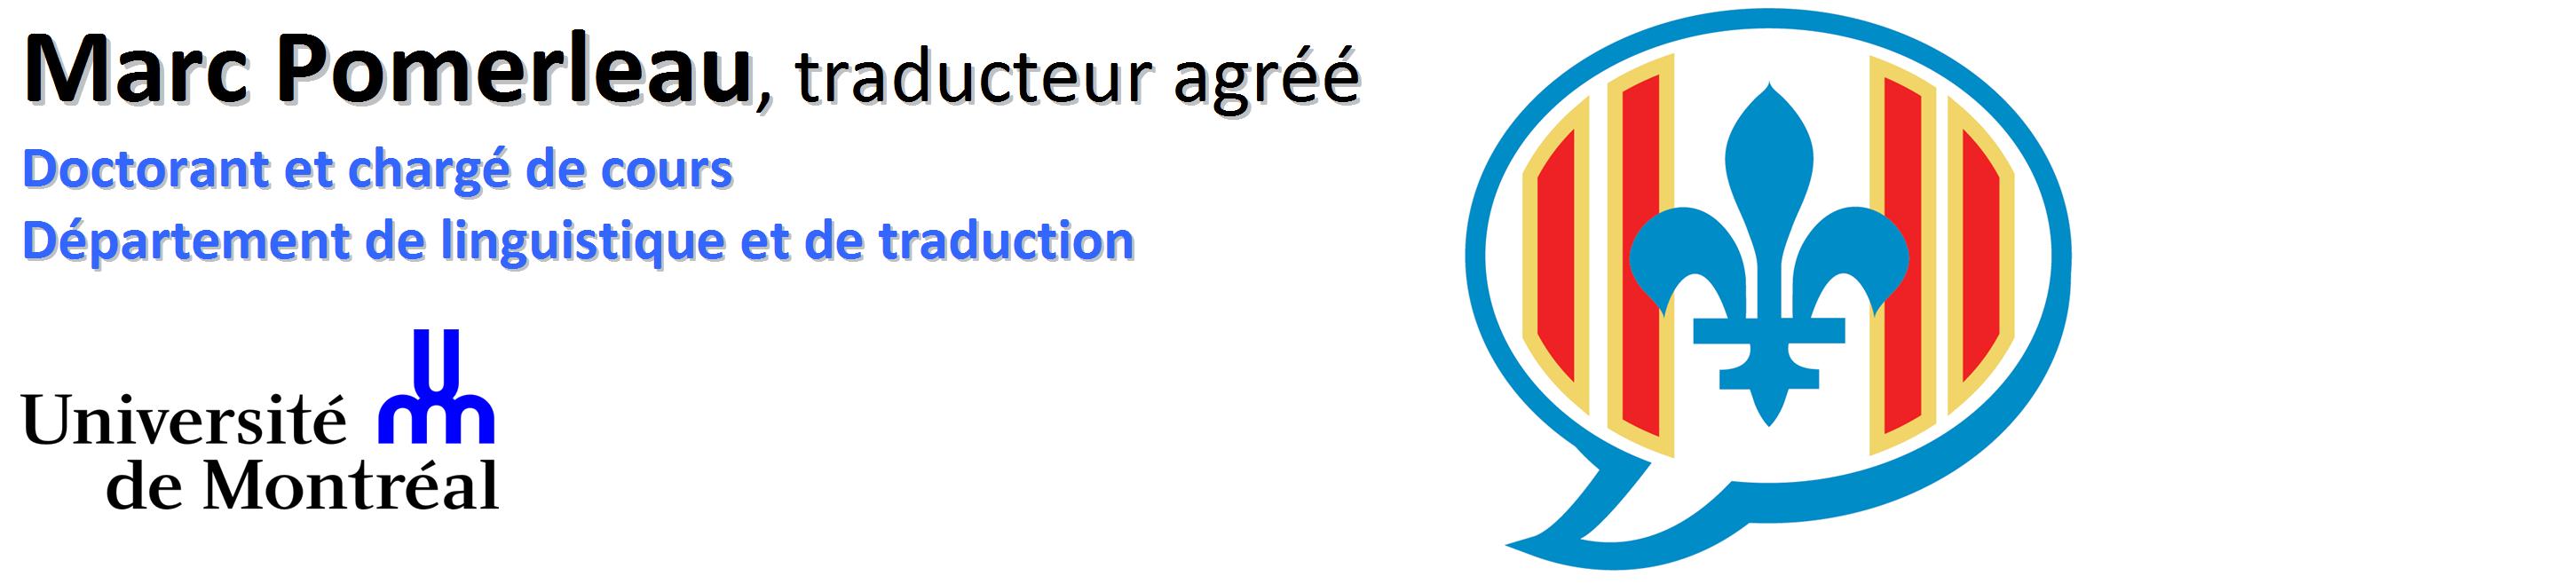 Marc Pomerleau - Traducteur agréé